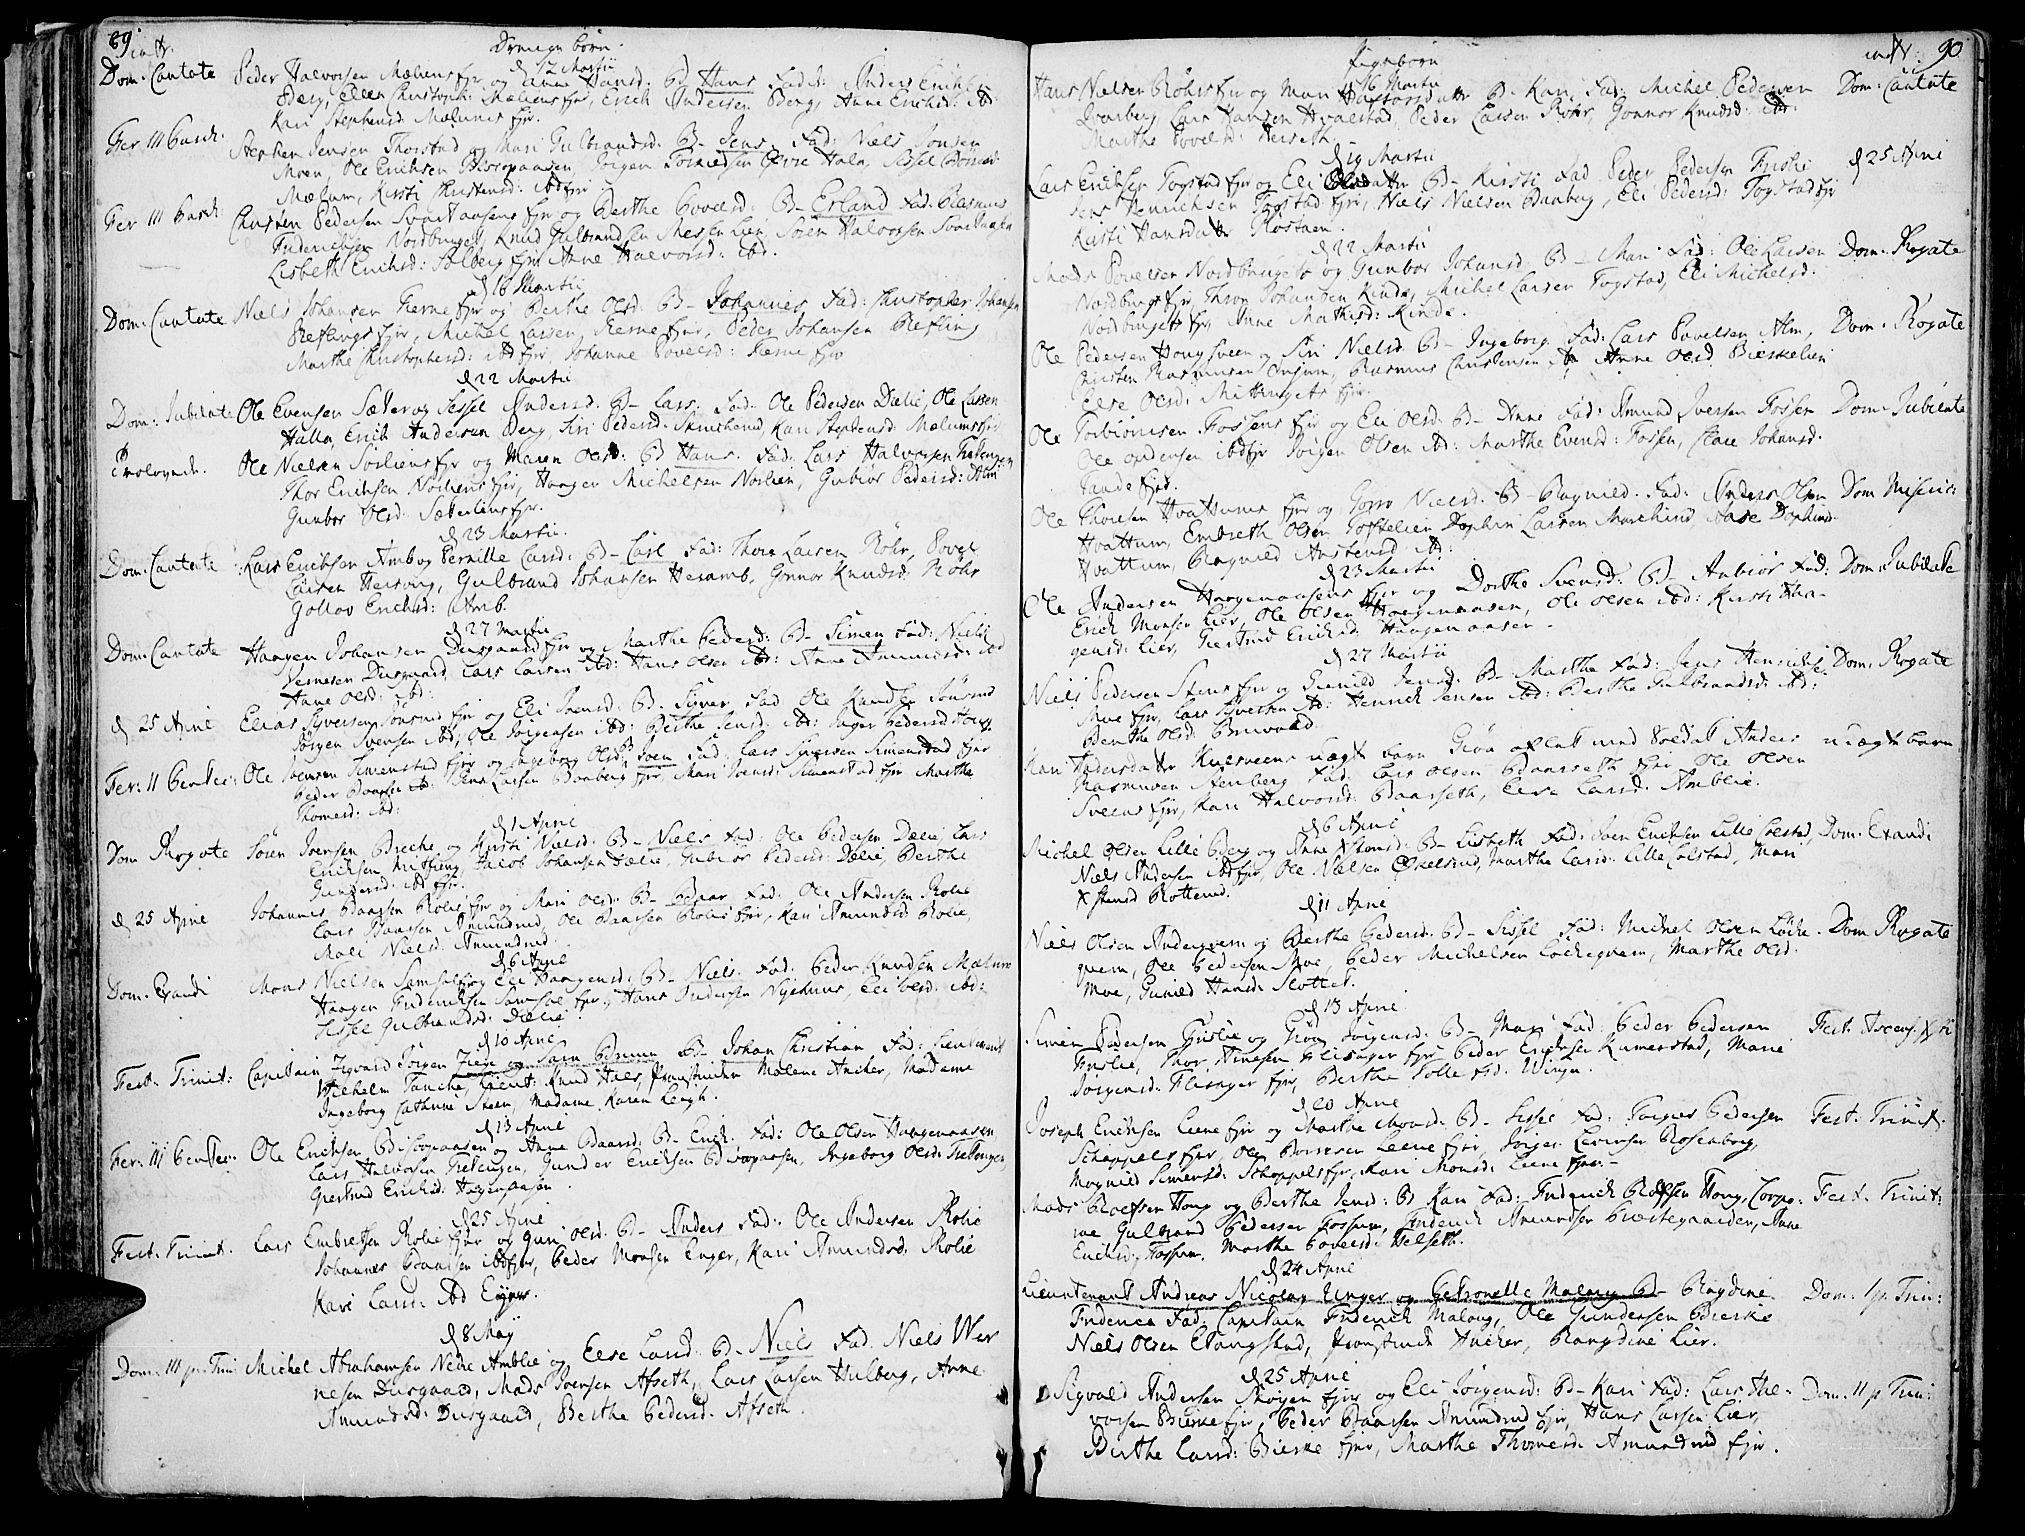 SAH, Ringsaker prestekontor, K/Ka/L0002: Ministerialbok nr. 2, 1747-1774, s. 89-90